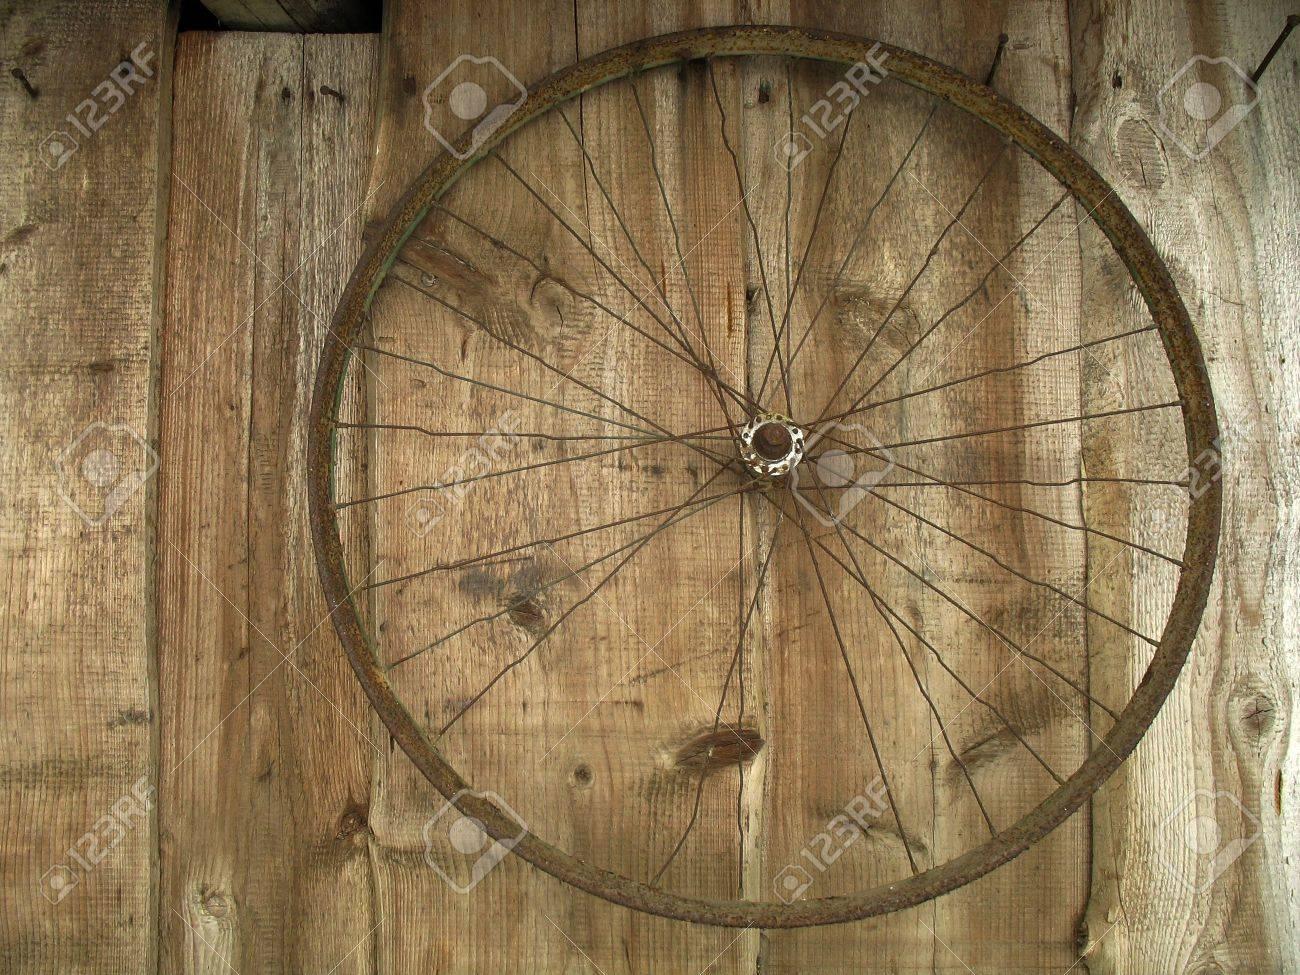 Ancienne Bicyclette ancienne roue de la bicyclette, qui pèse sur les plaques banque d